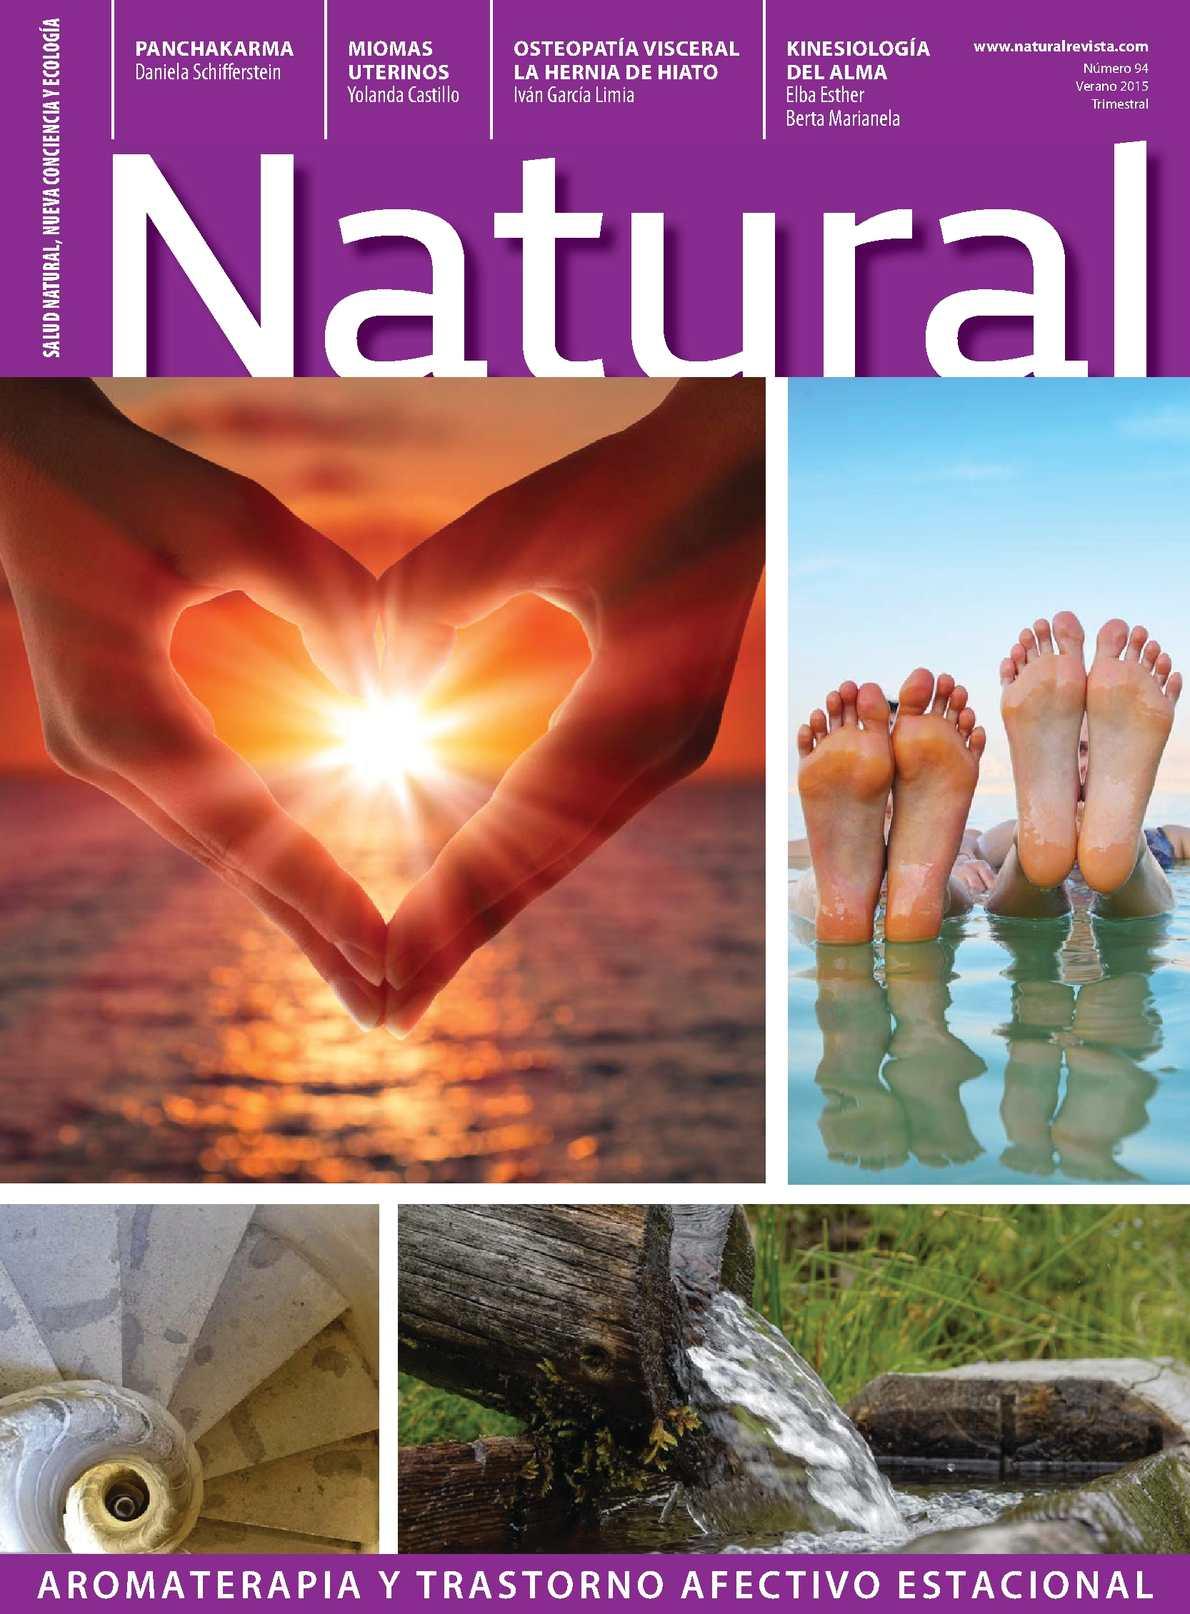 Natural 94